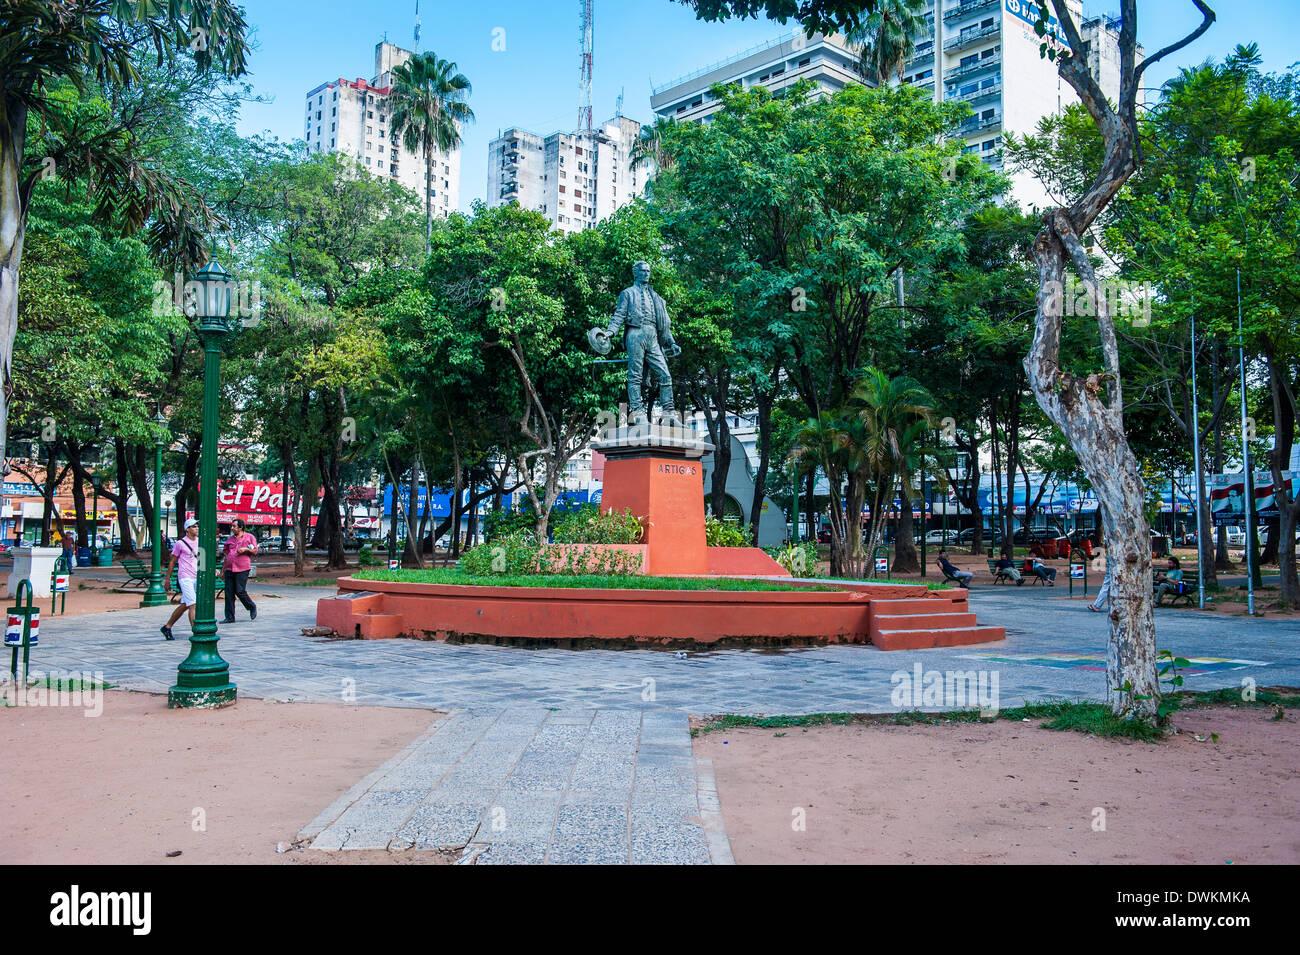 Uruguay quadrato in Asuncion in Paraguay, Sud America Immagini Stock